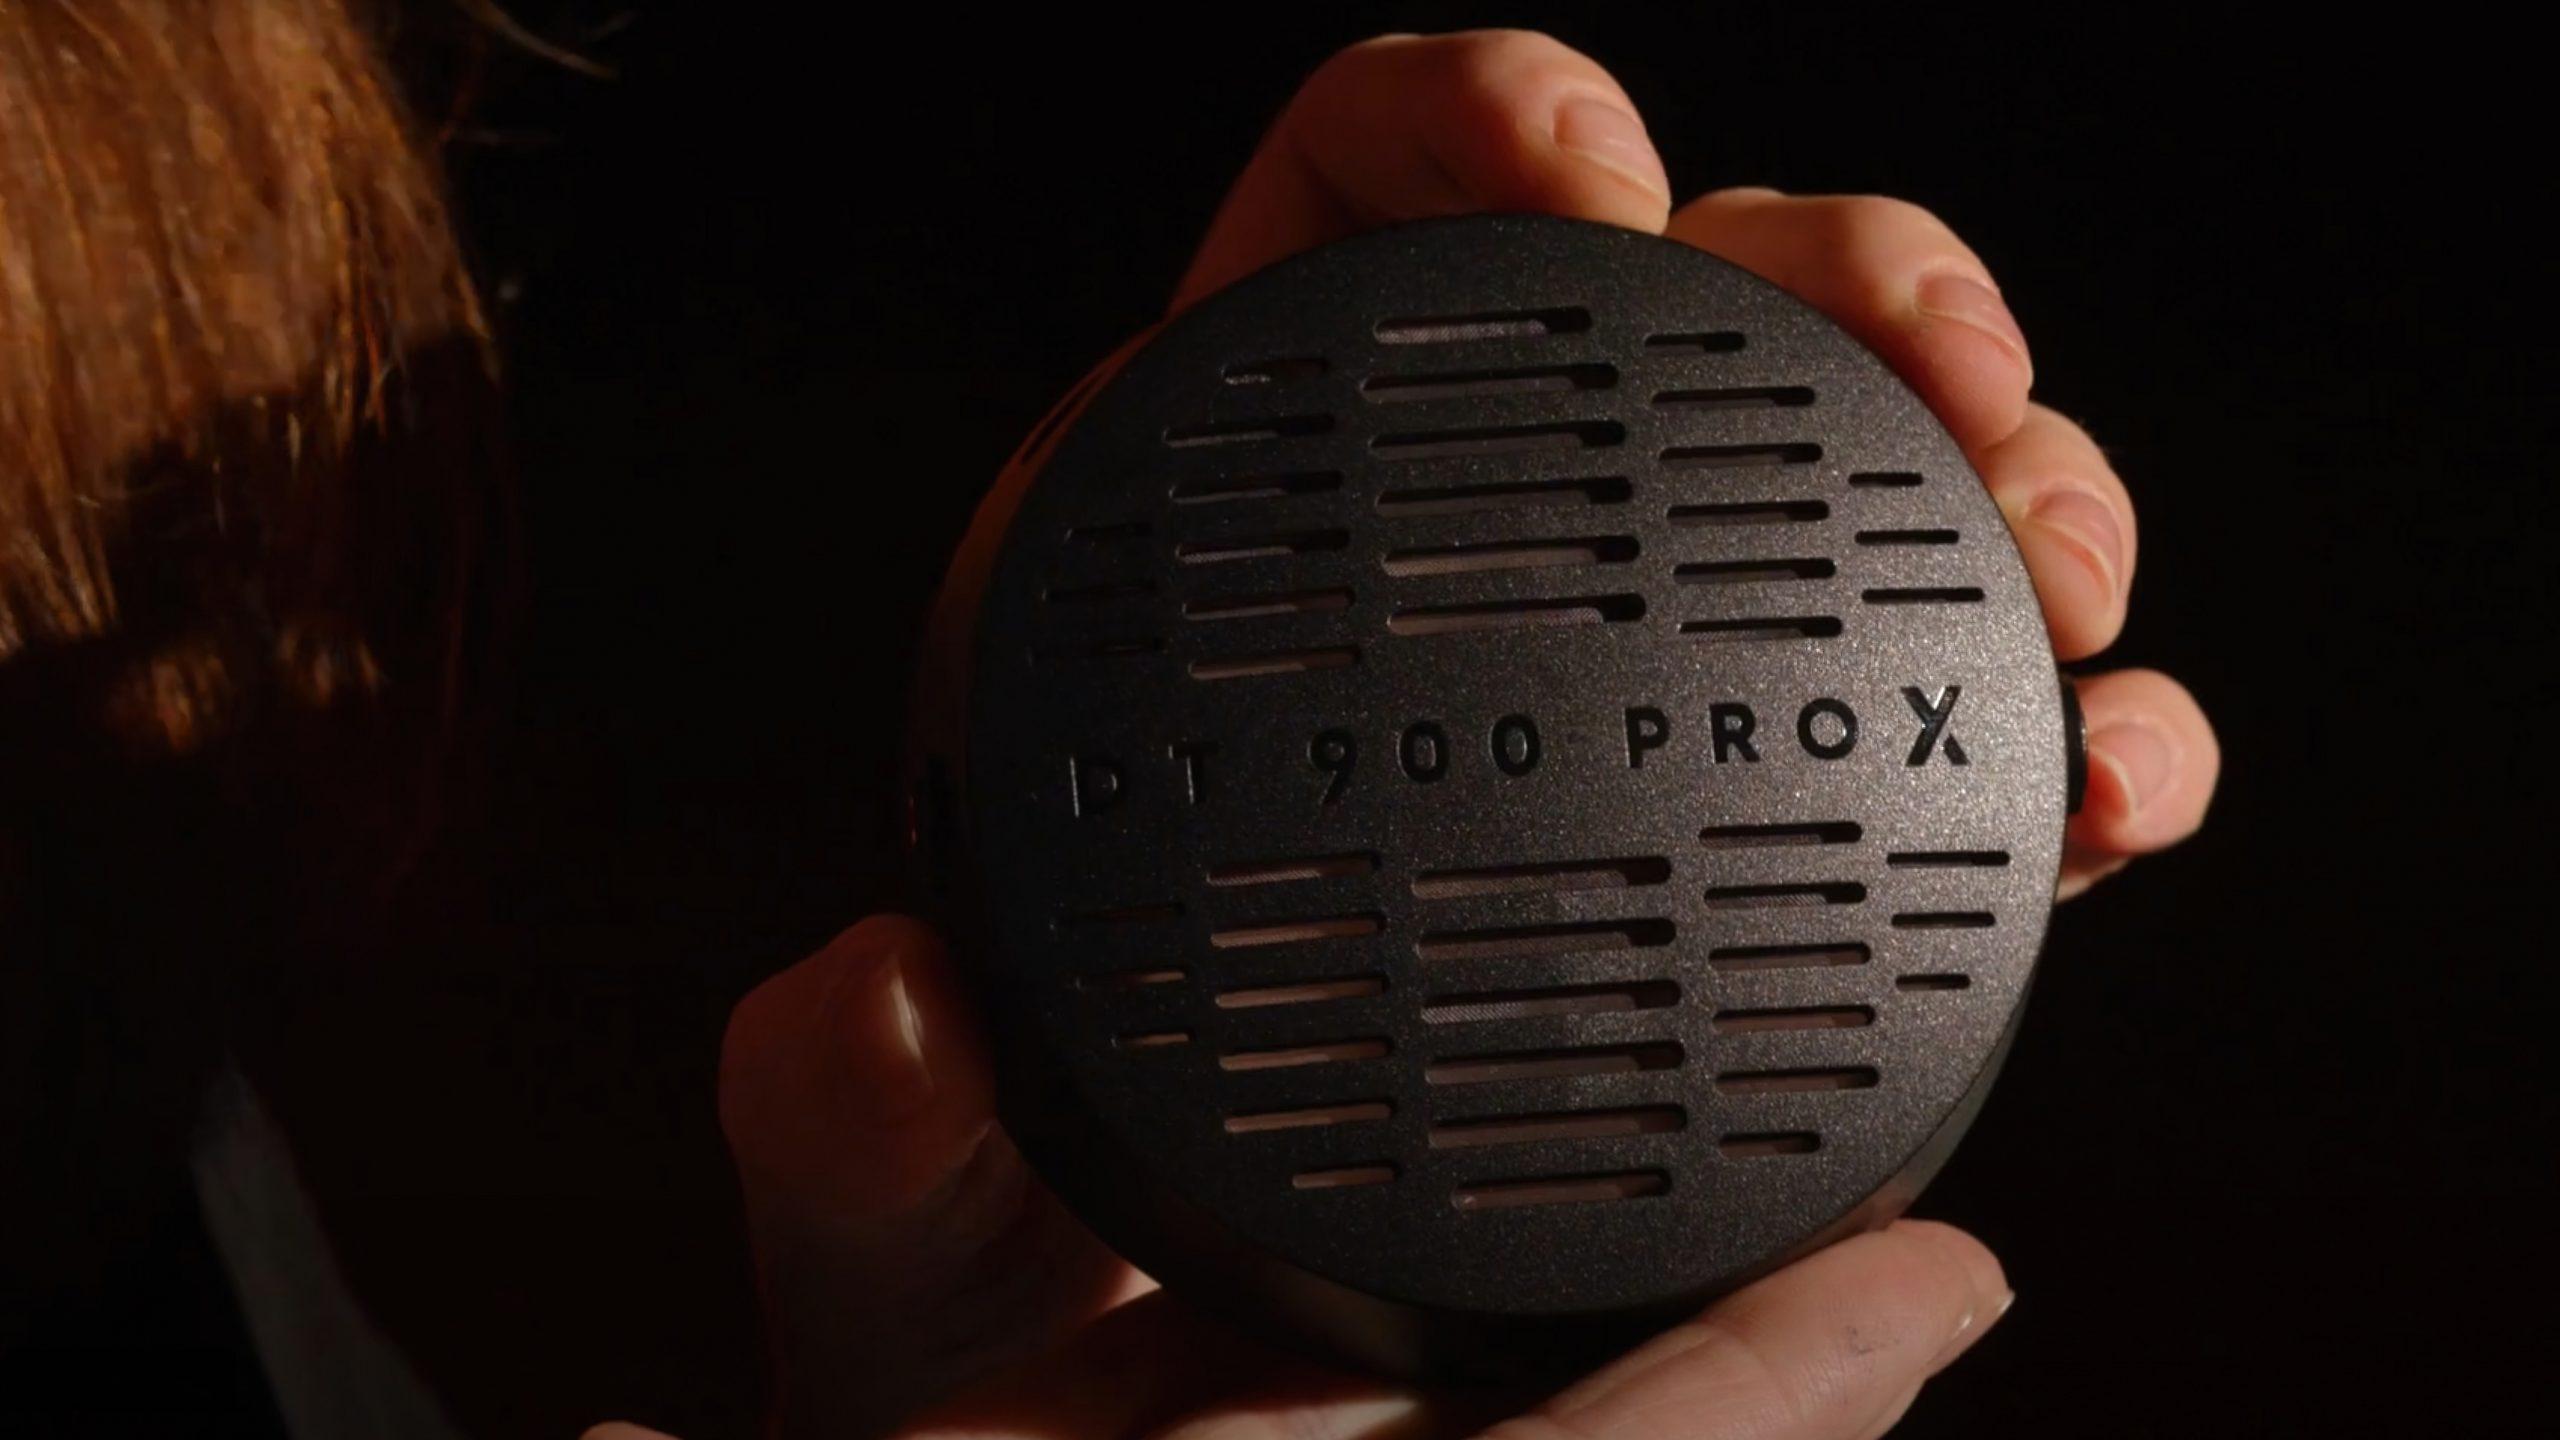 Beyerdynamic DT900 Pro-X earcups